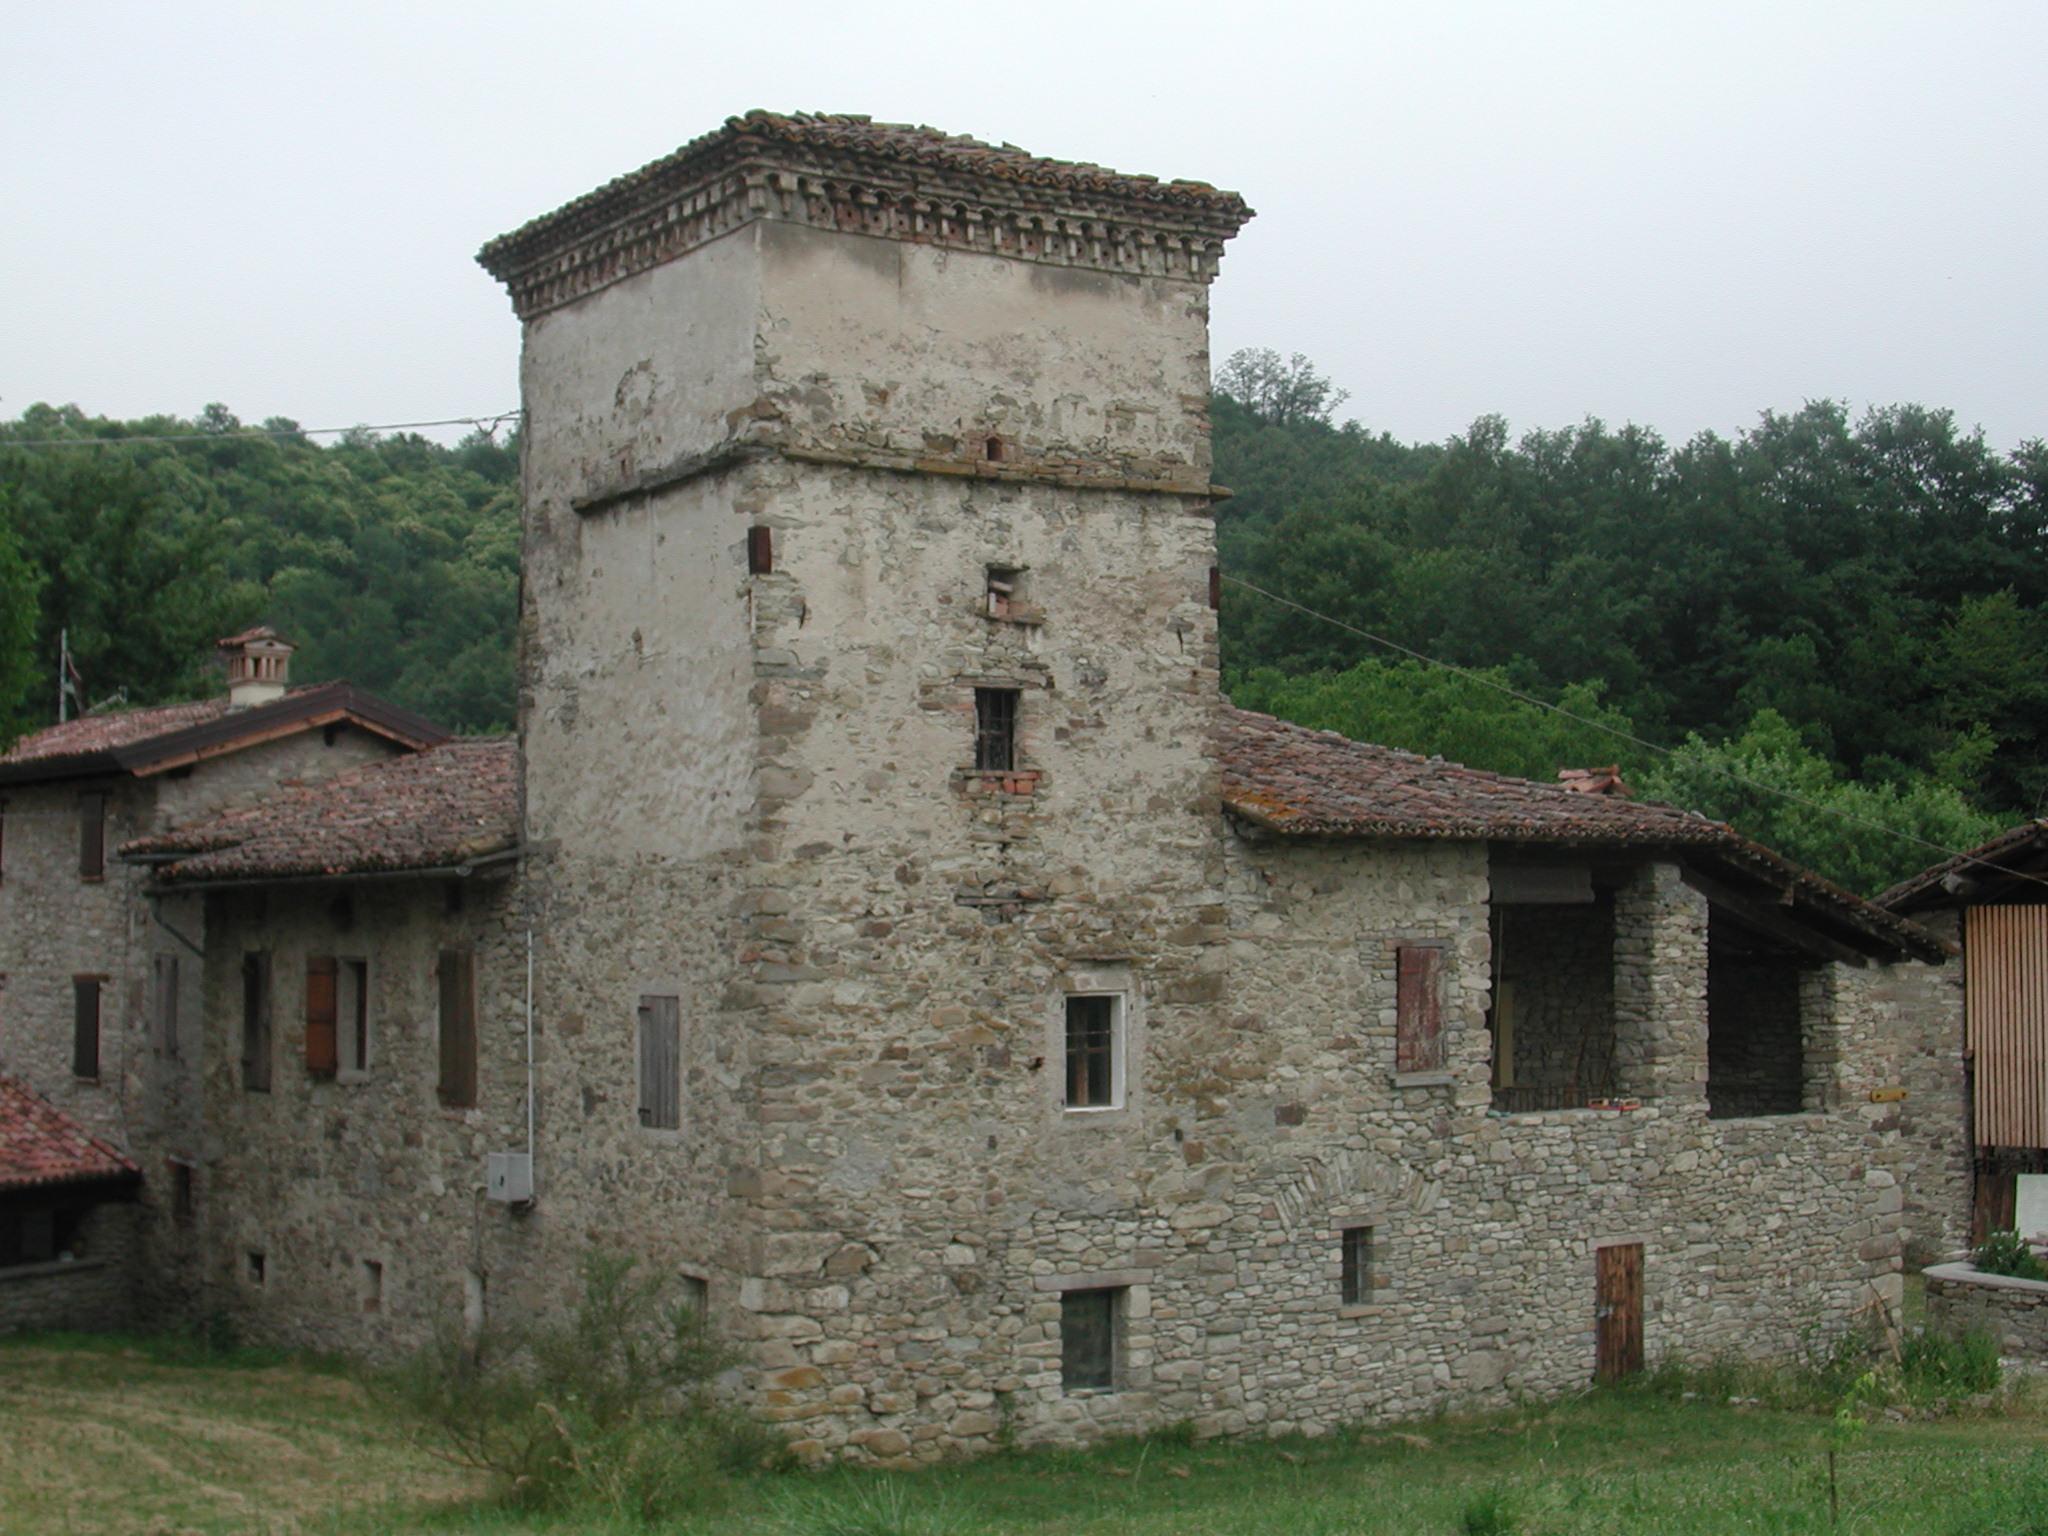 File carpineti casa torre wikimedia commons for Piani di casa castello medievale